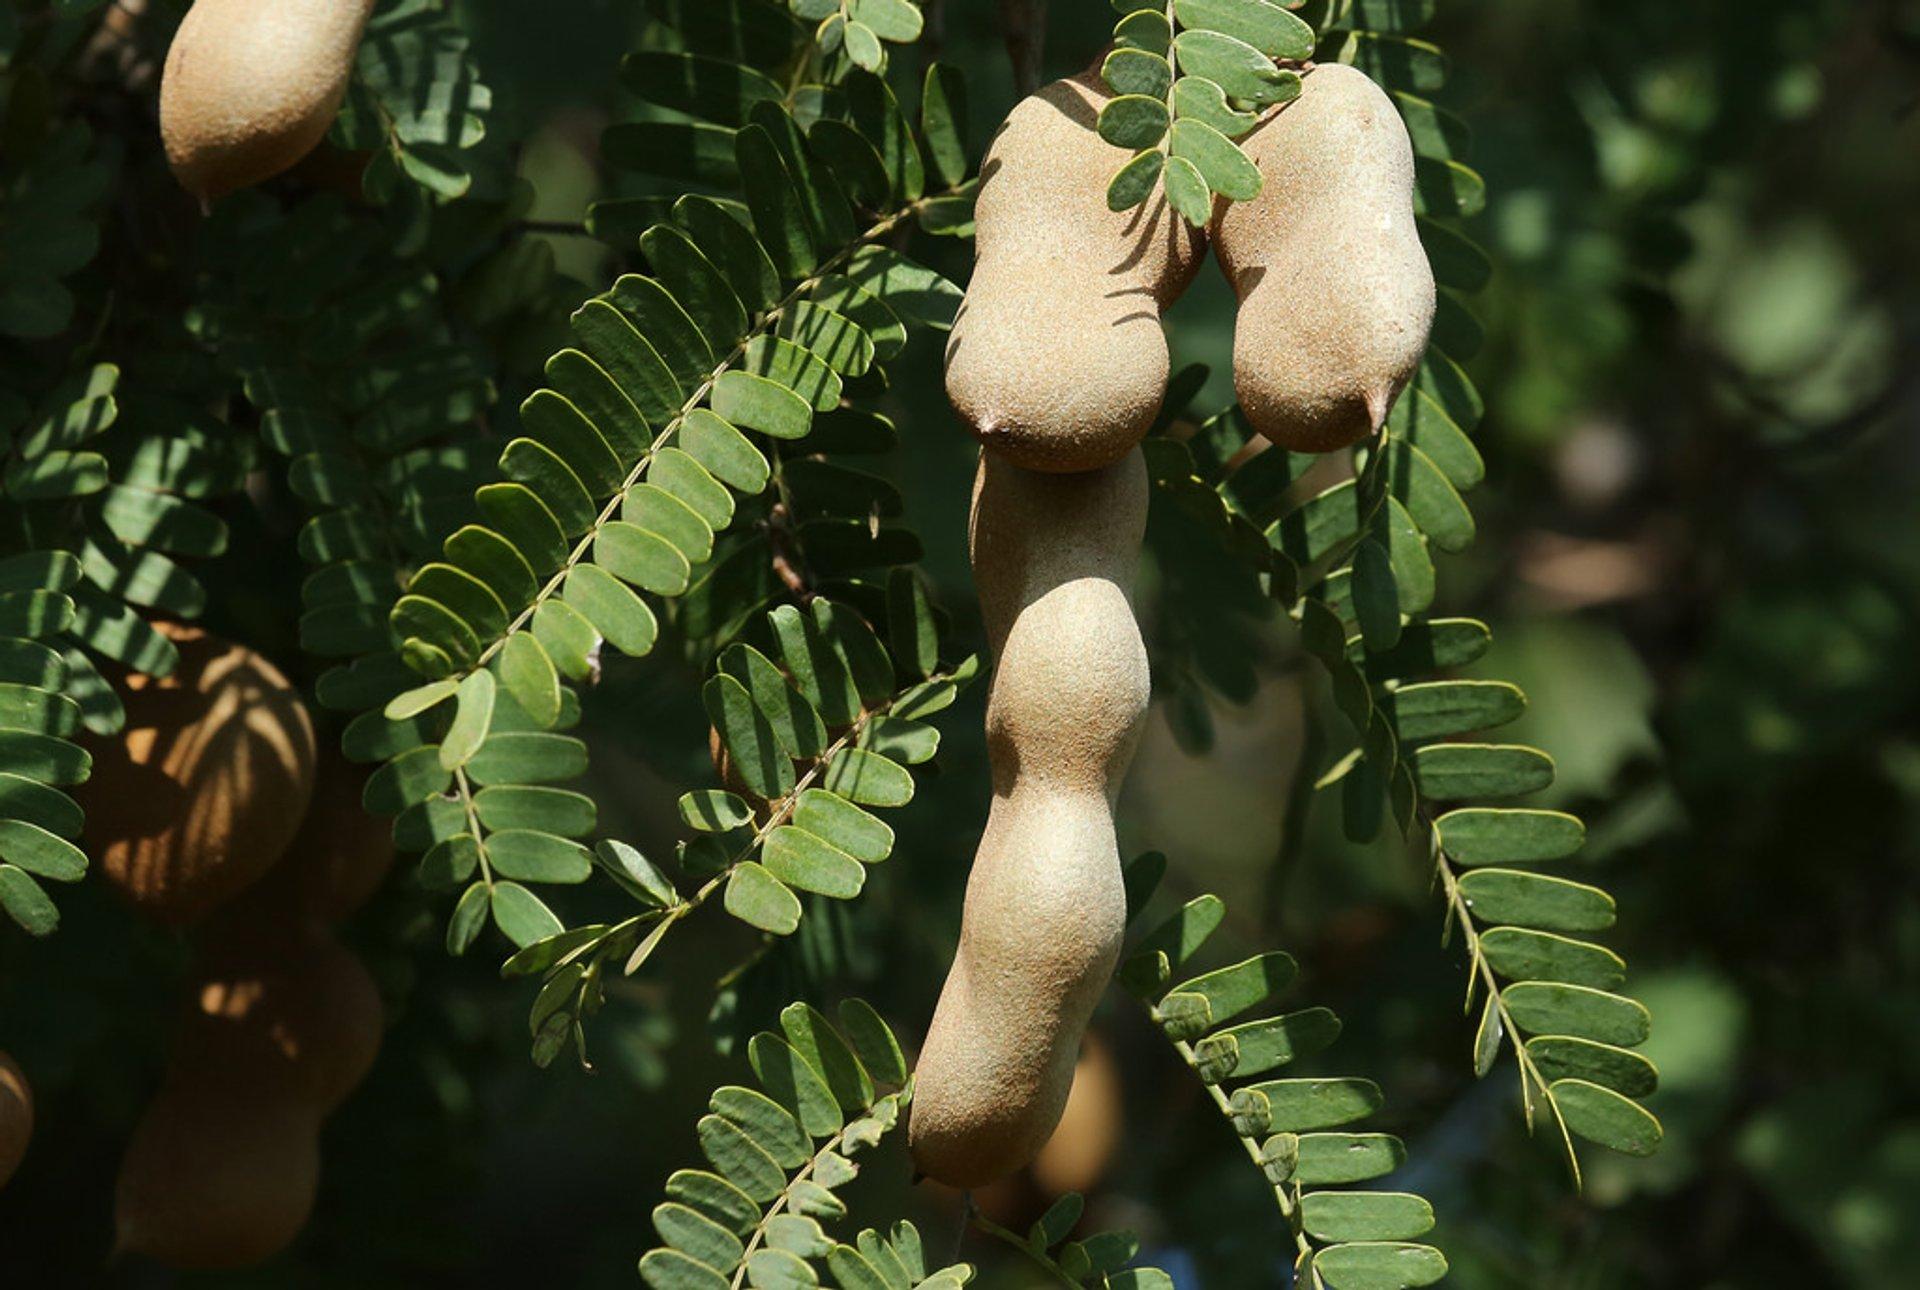 Tamarind Fruit in Costa Rica - Best Time